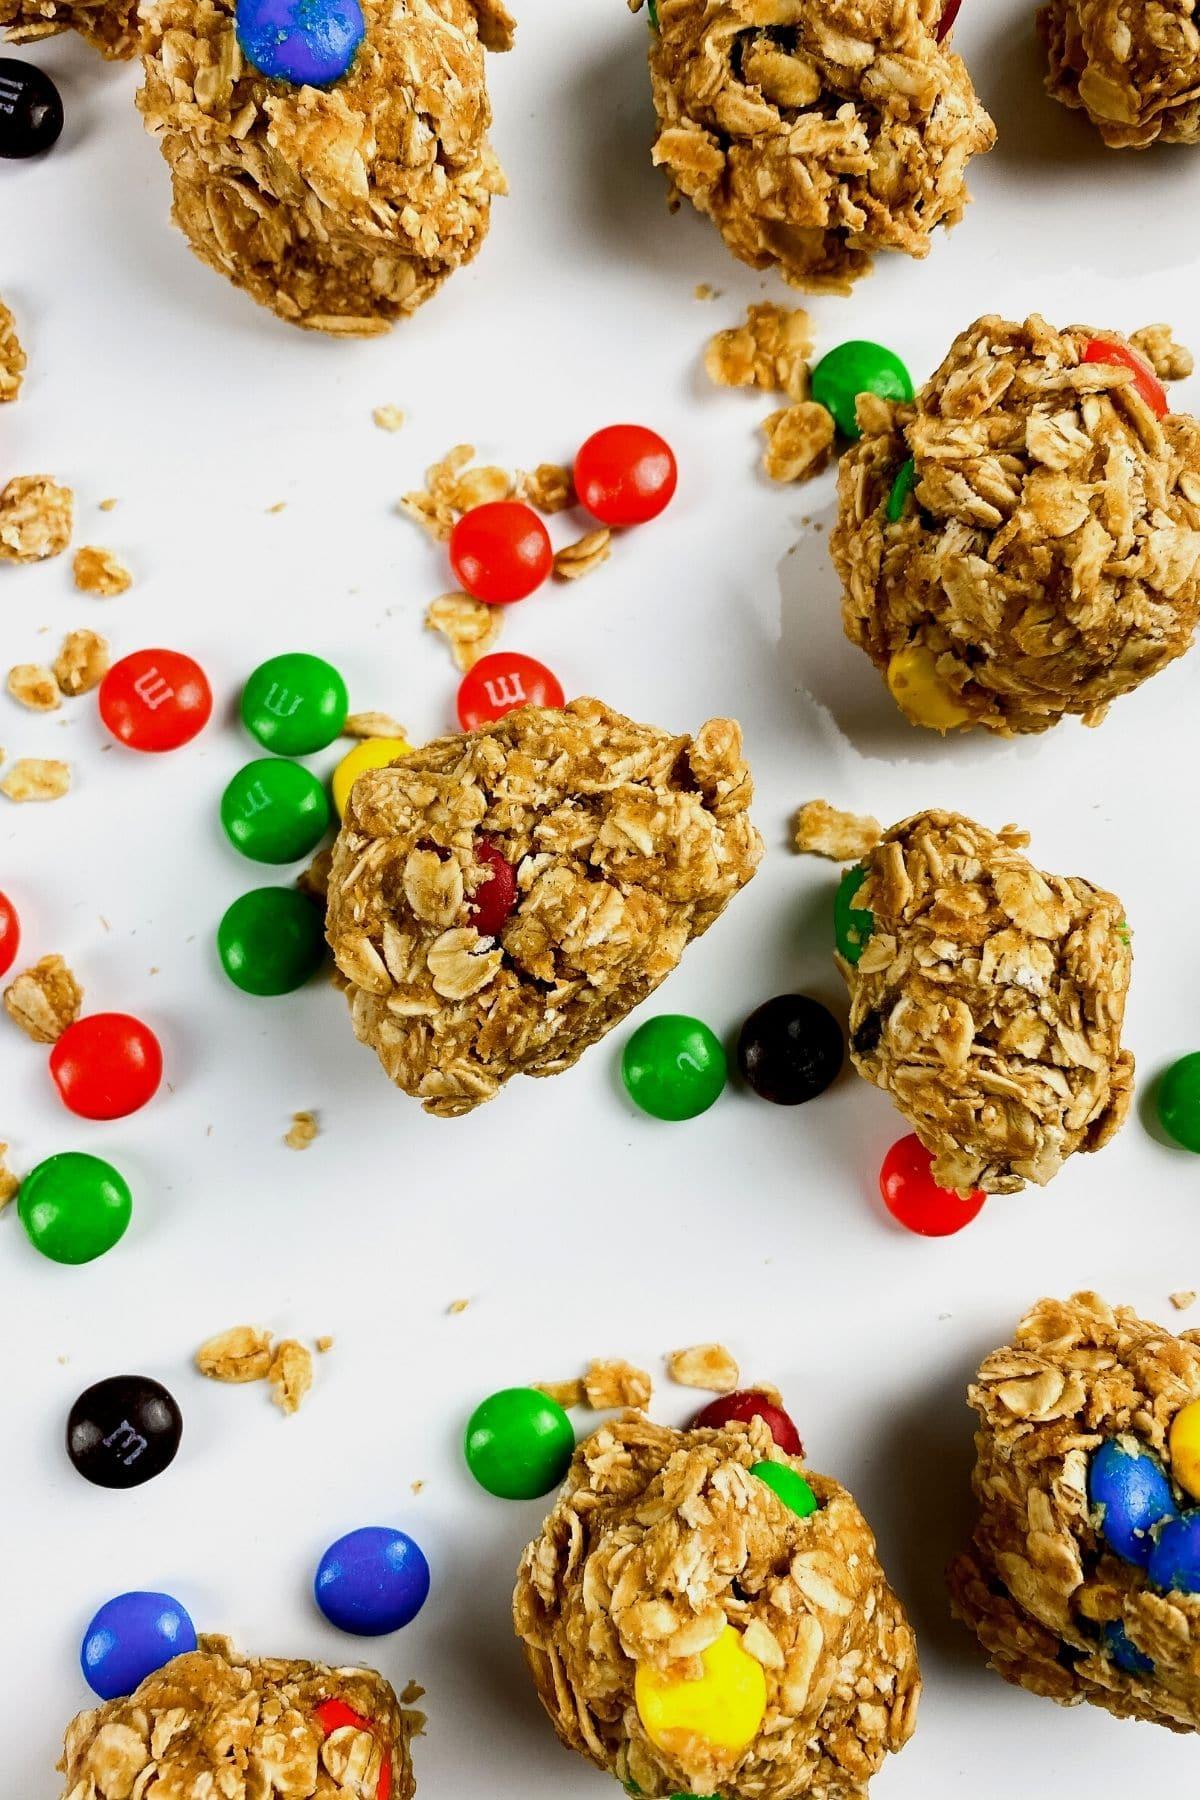 Peanut butter energy balls on white table